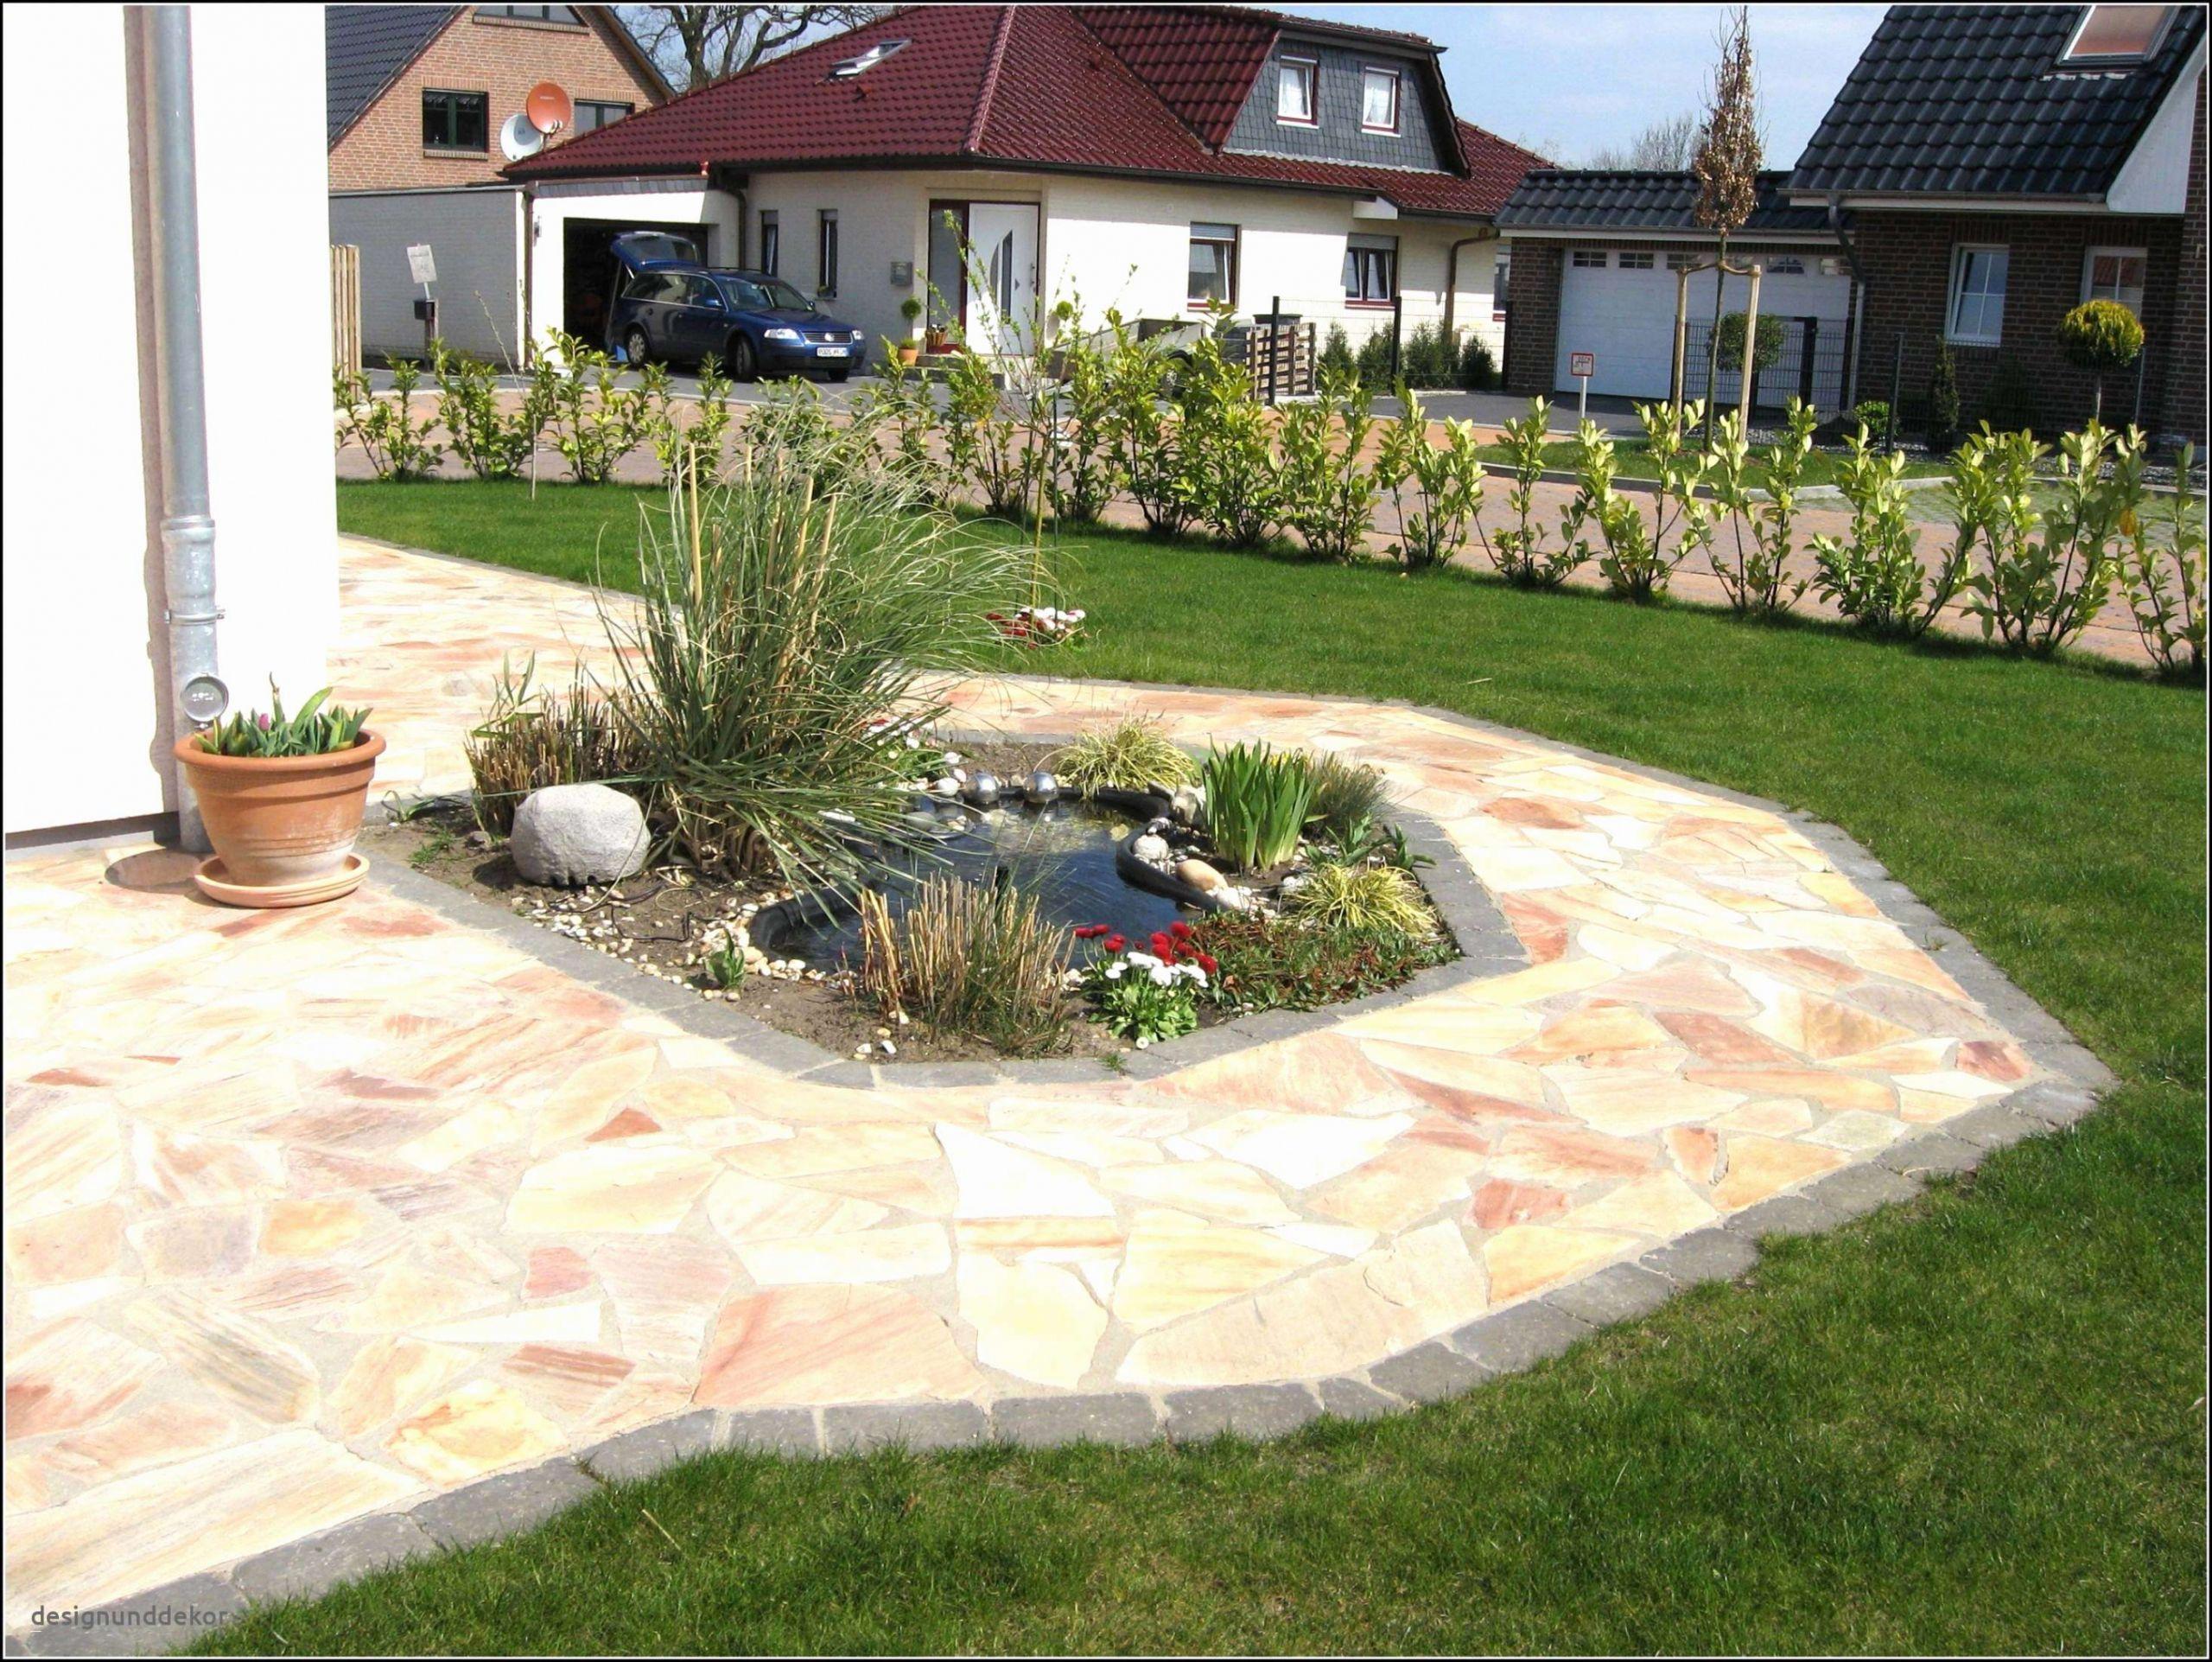 Gartengestaltung Ideen Beispiele Frisch Garten Gestalten Mit Wenig Geld Beispiele Kleingarten Ideen